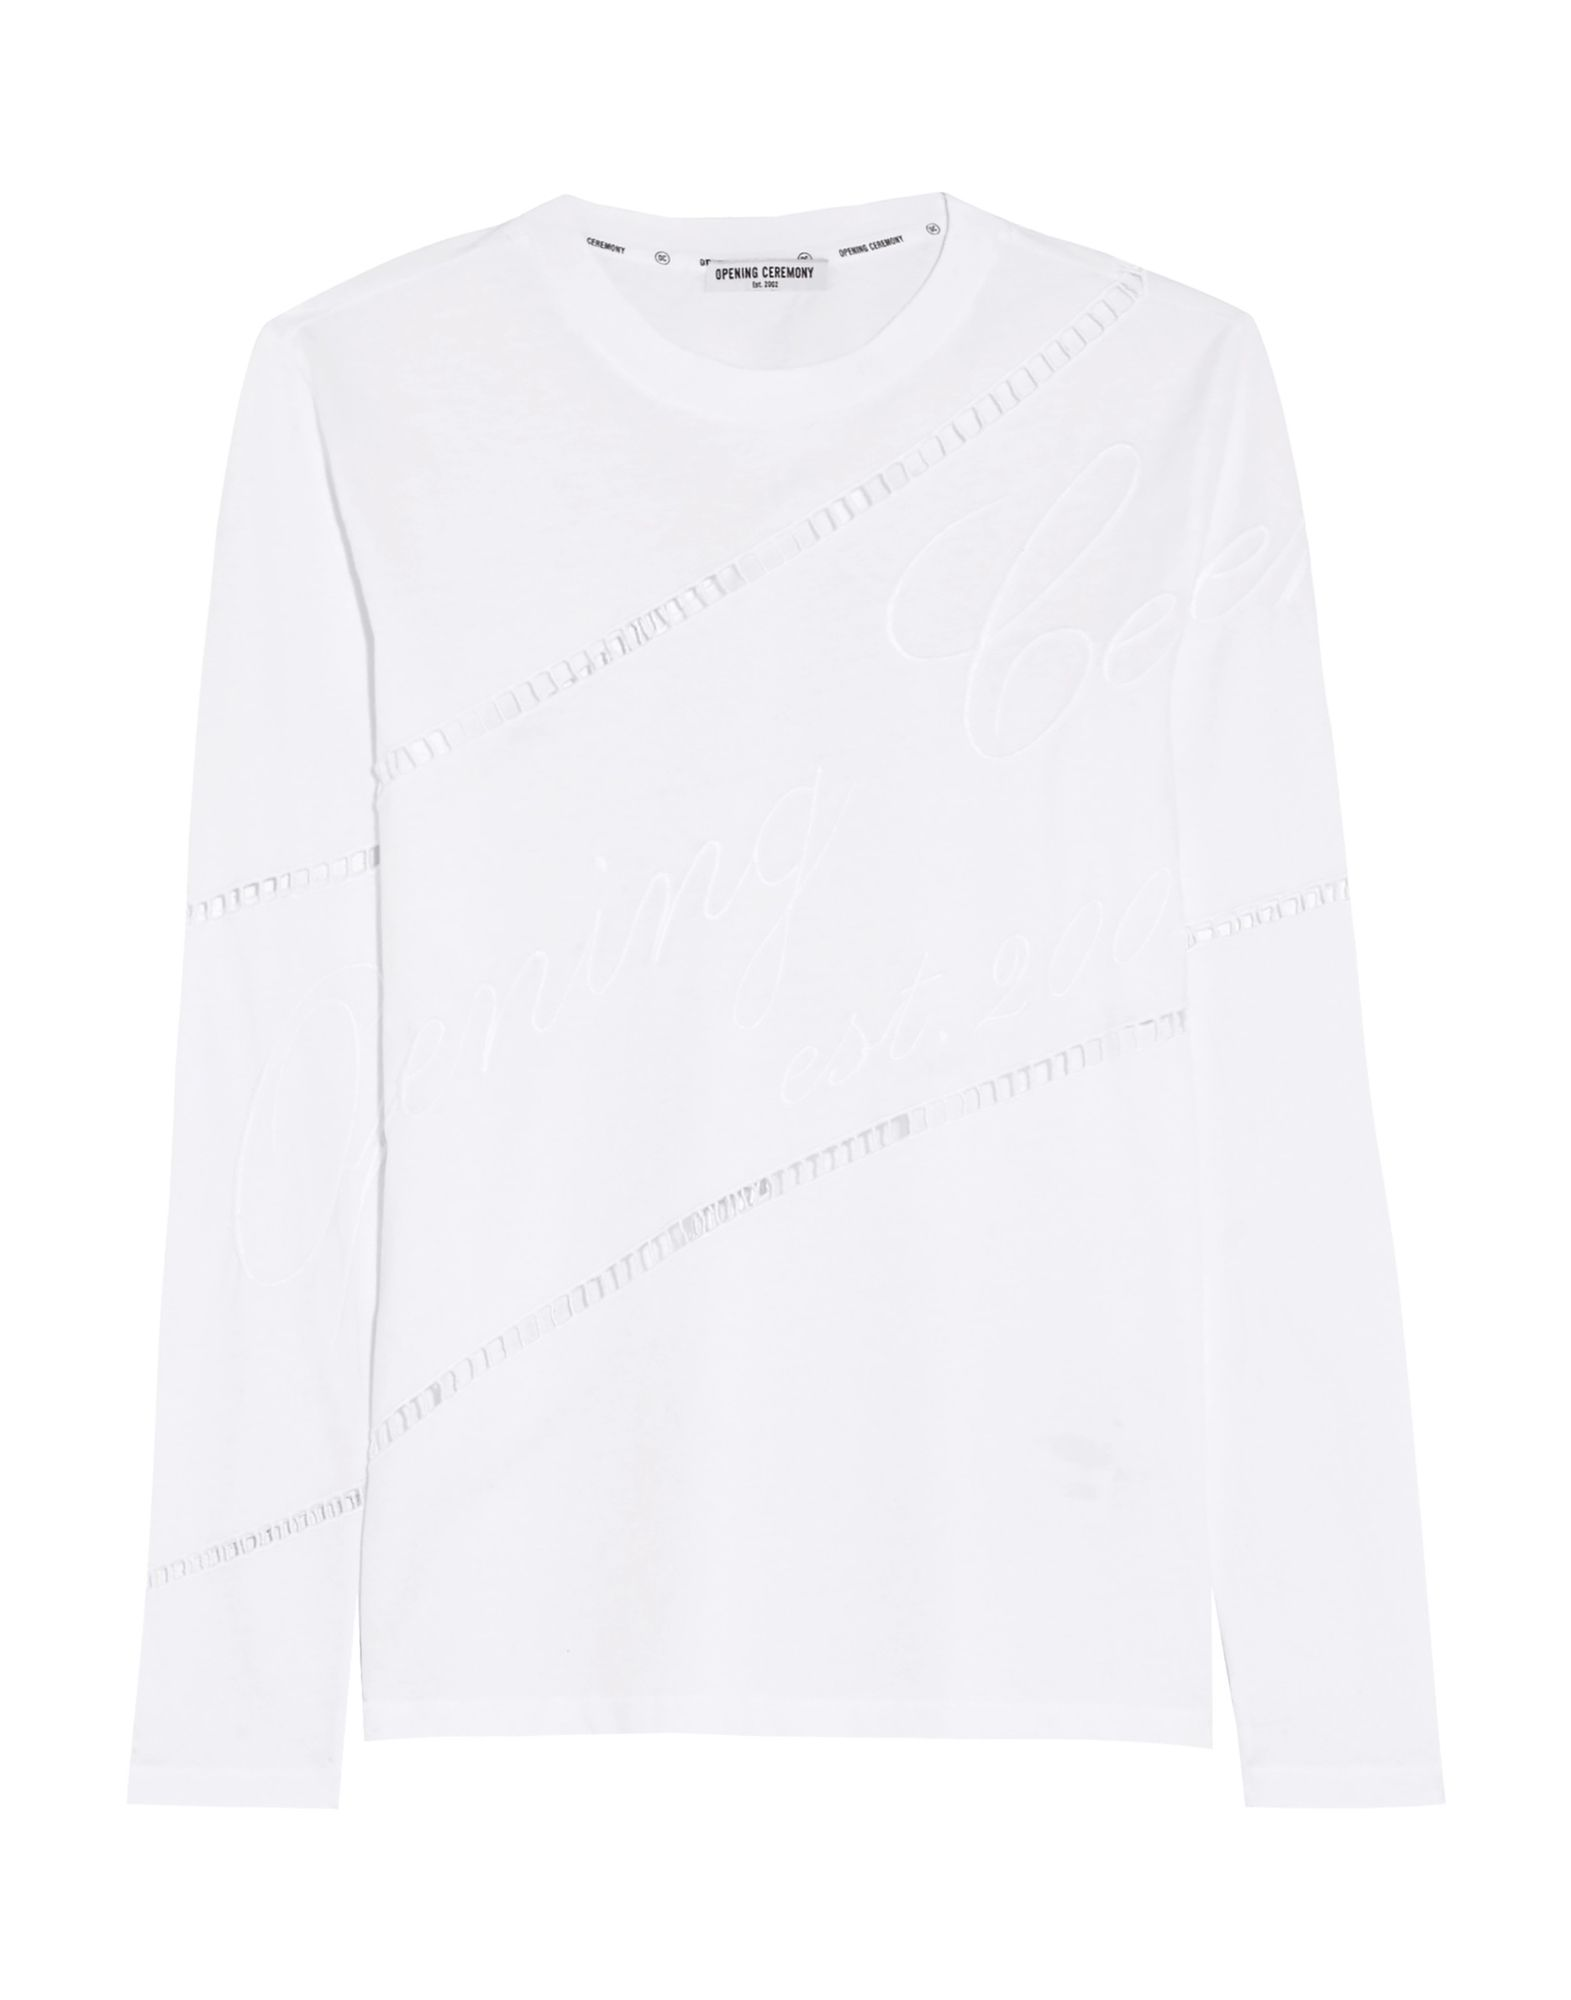 《送料無料》OPENING CEREMONY レディース T シャツ ホワイト XS コットン 100%